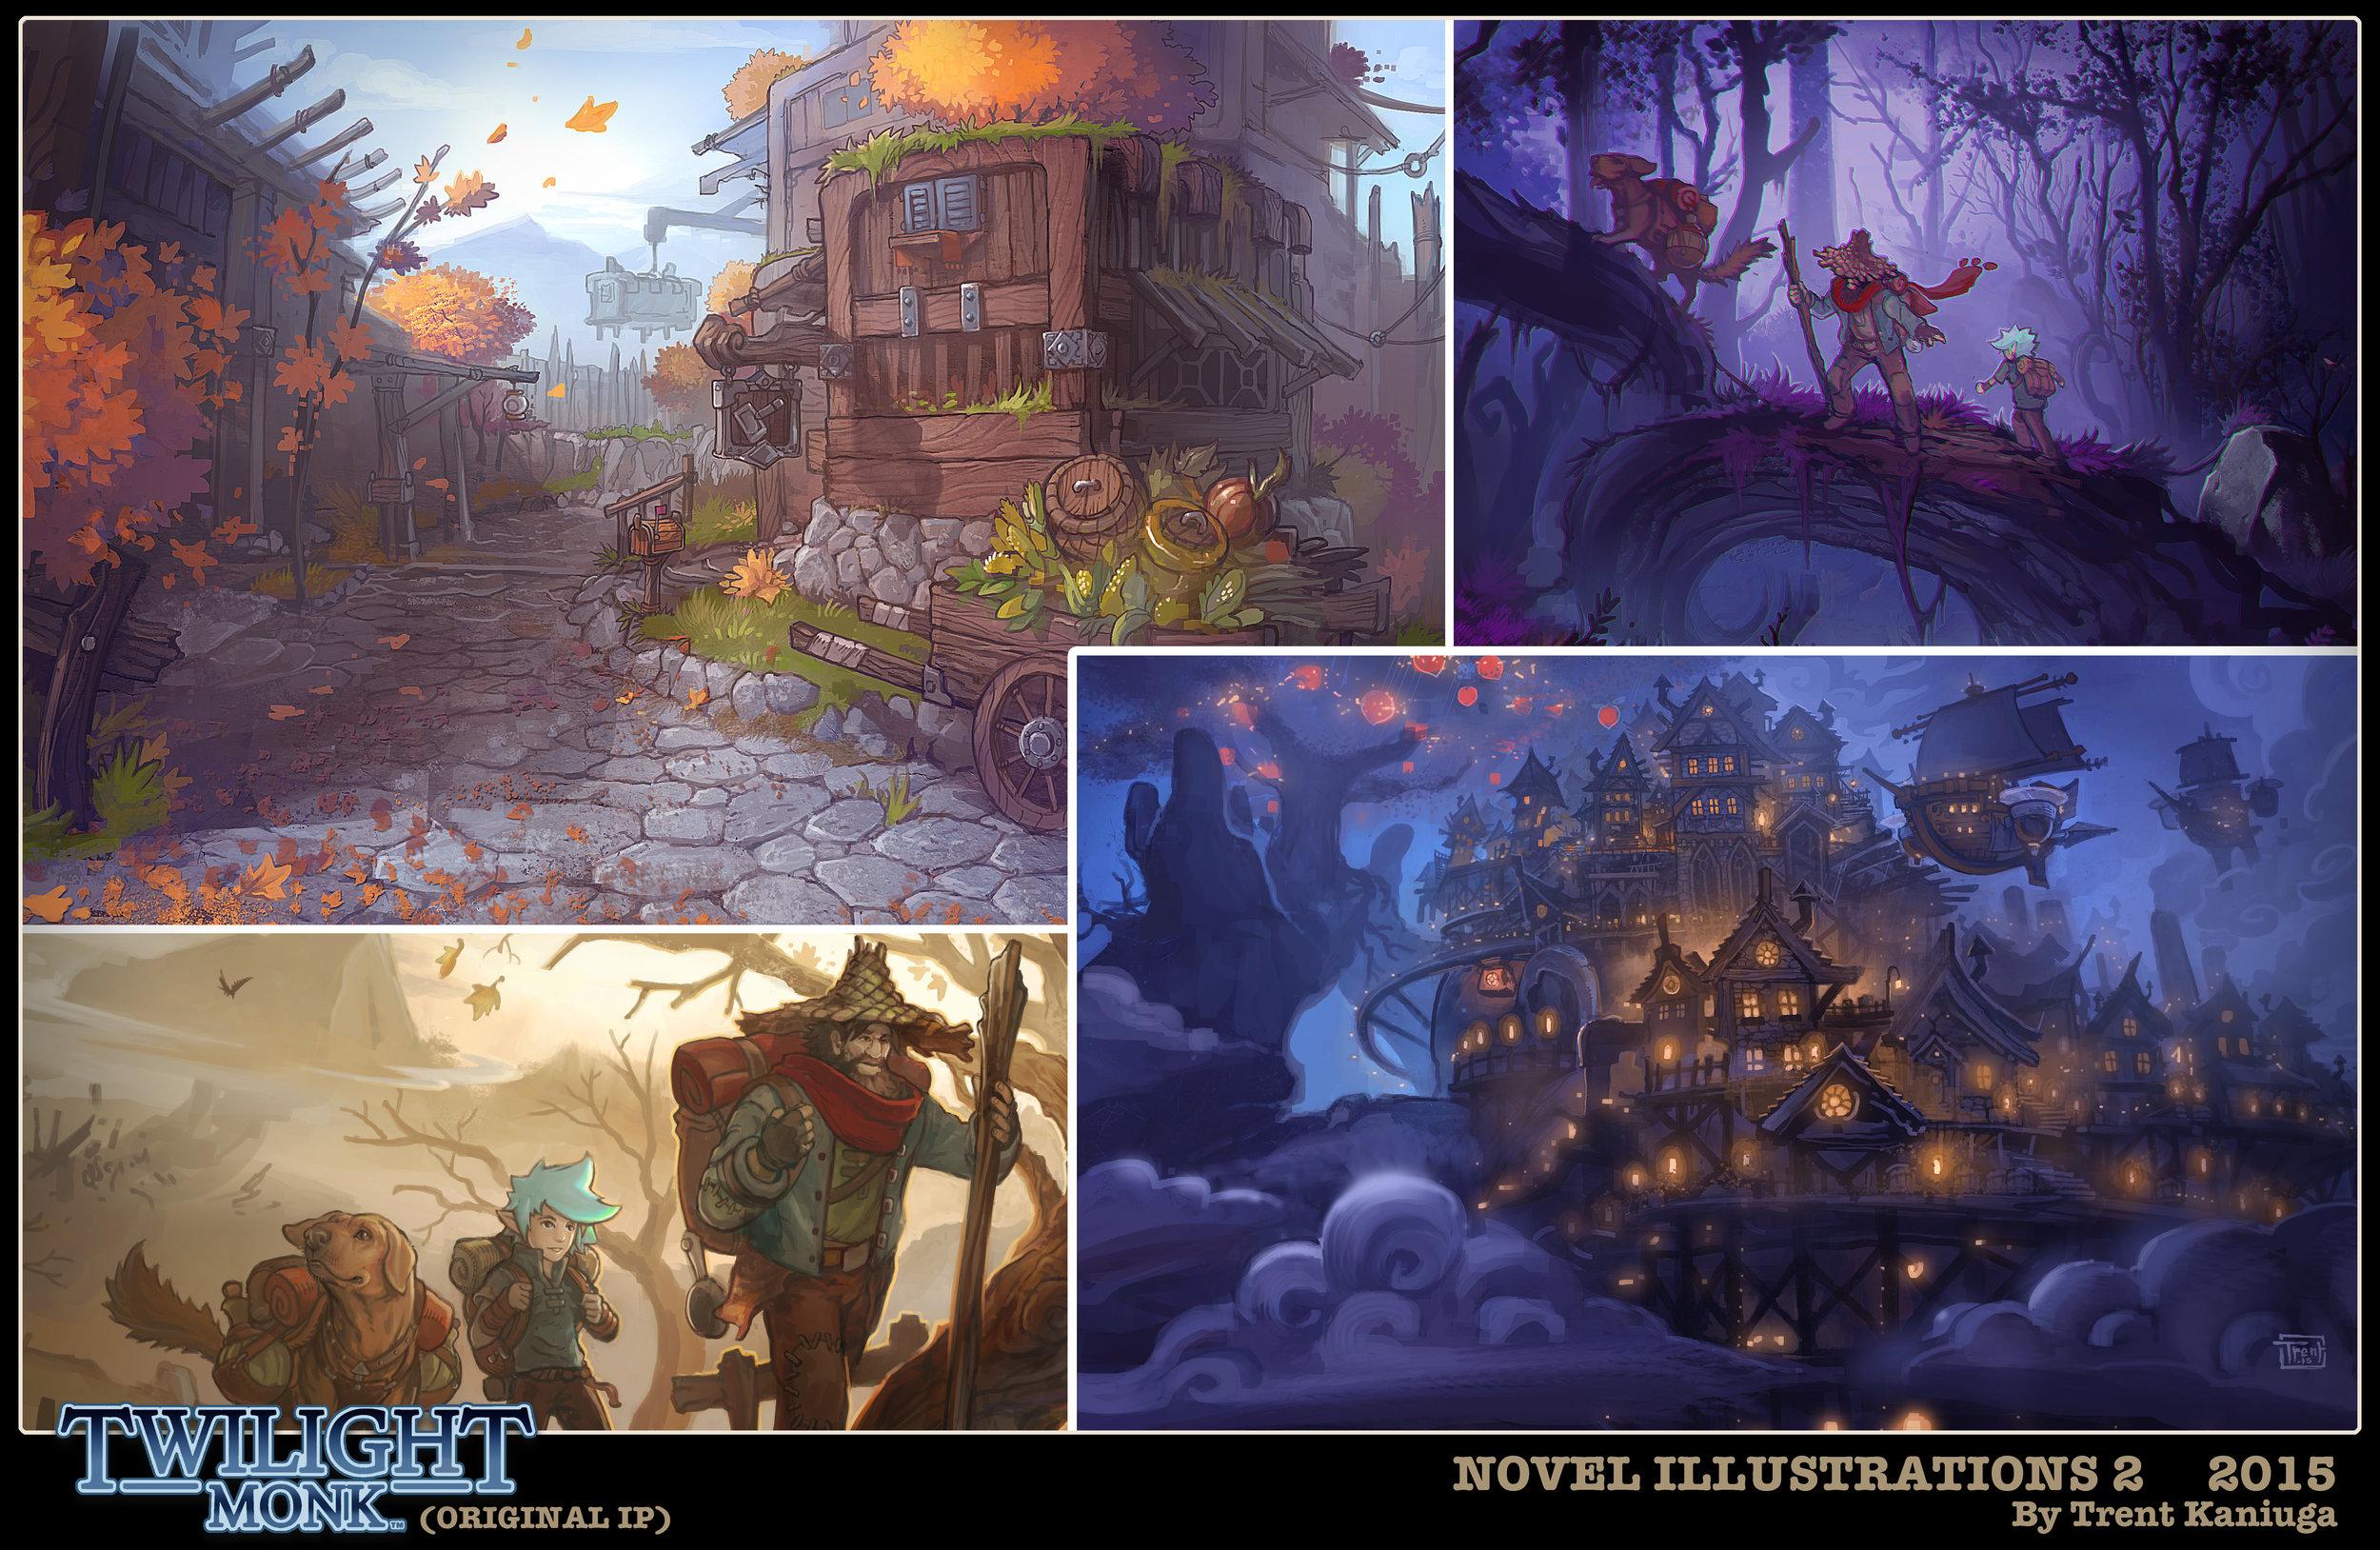 12- ILLUSTRATIONS_1 copy.jpg